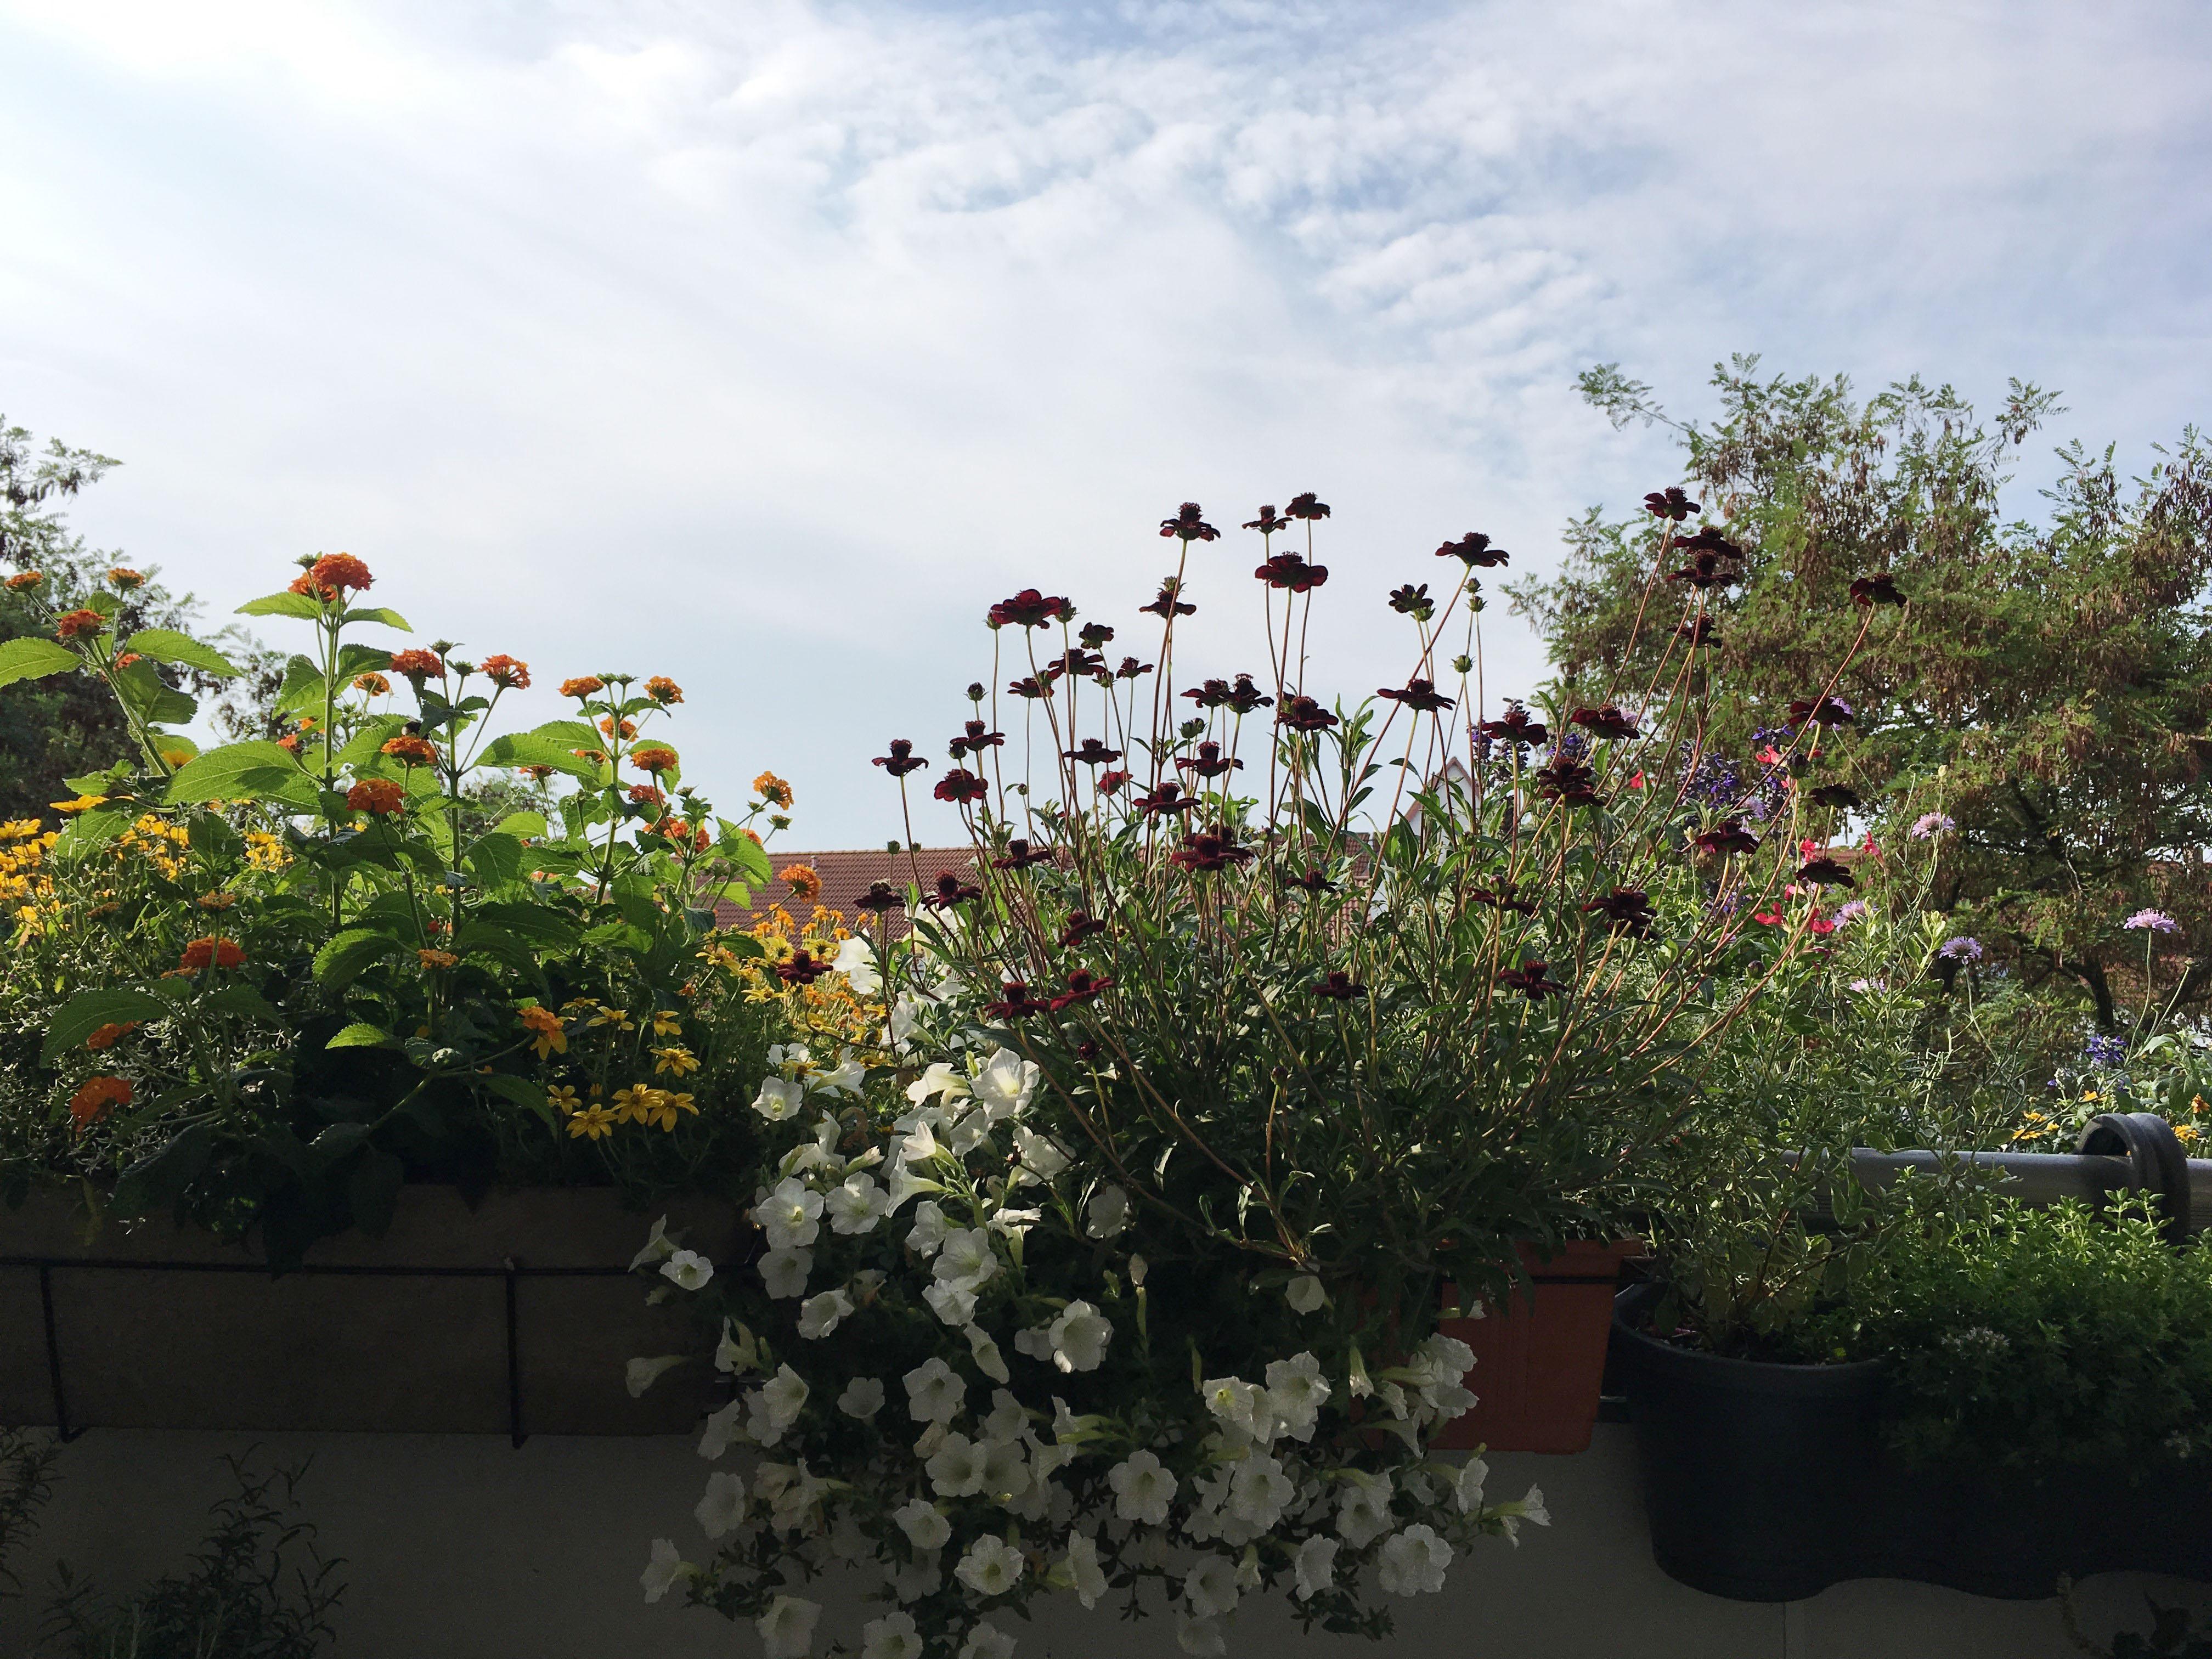 den-blumenkasten-mit-bienenfreundlichen-balkonblumen-bepflanzen